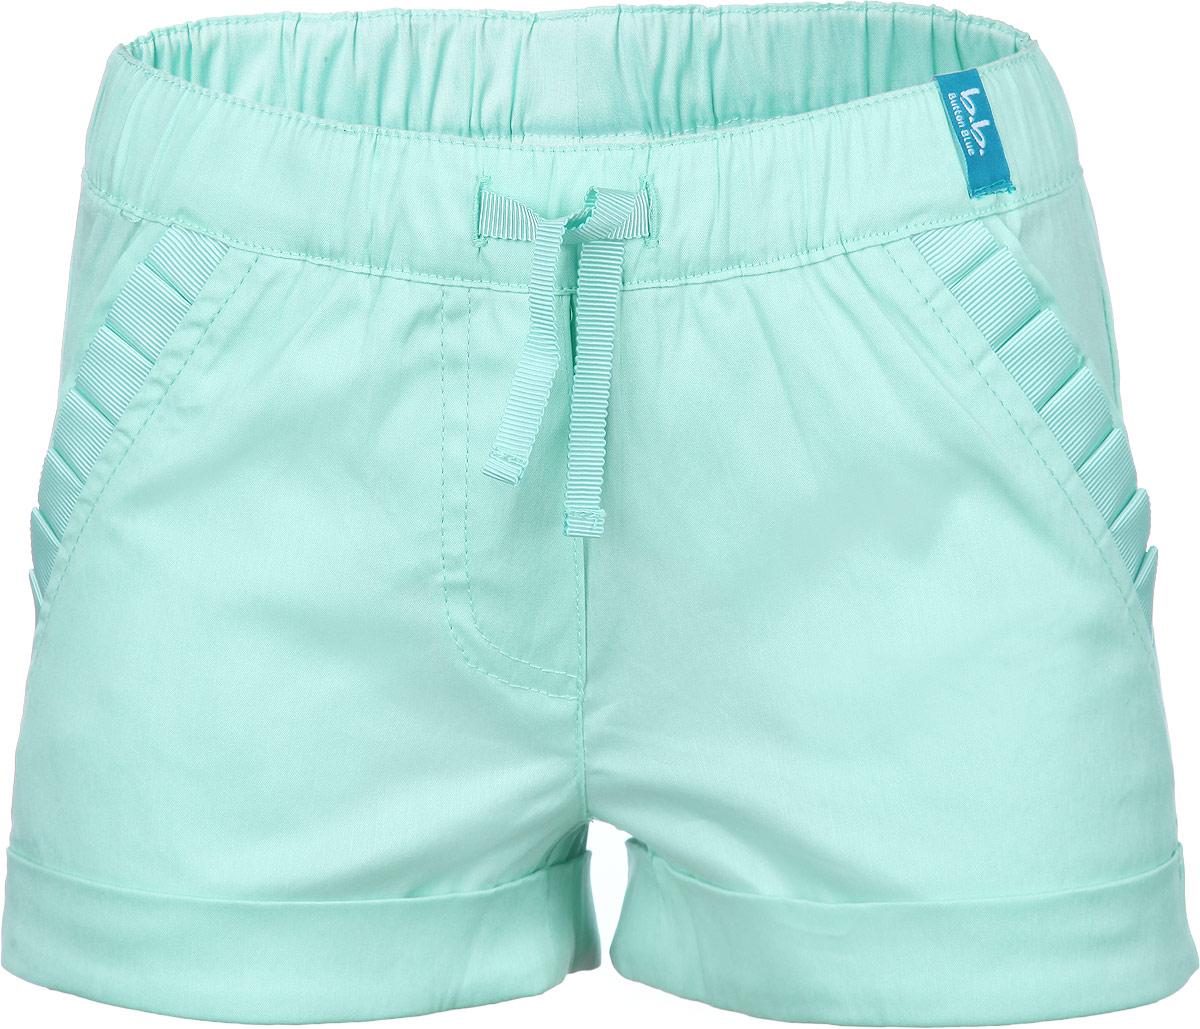 Шорты116BBGM6001Стильные шорты для девочки Button Blue идеально подойдут вашему ребенку и станут отличным дополнением к детскому гардеробу. Шорты выполнены из эластичного хлопка с добавлением нейлона, мягкие и приятные на ощупь, не сковывают движения и позволяют коже дышать, обеспечивая наибольший комфорт. Шорты на талии имеют широкую эластичную резинку с внутренним затягивающимся шнурком, благодаря чему они не сдавливают животик ребенка и не сползают. Спереди расположены два втачных кармана, украшенных оборкой. Снизу модель дополнена декоративными отворотами. В таких шортах ваша маленькая модница будет чувствовать себя комфортно, уютно и всегда будет в центре внимания!